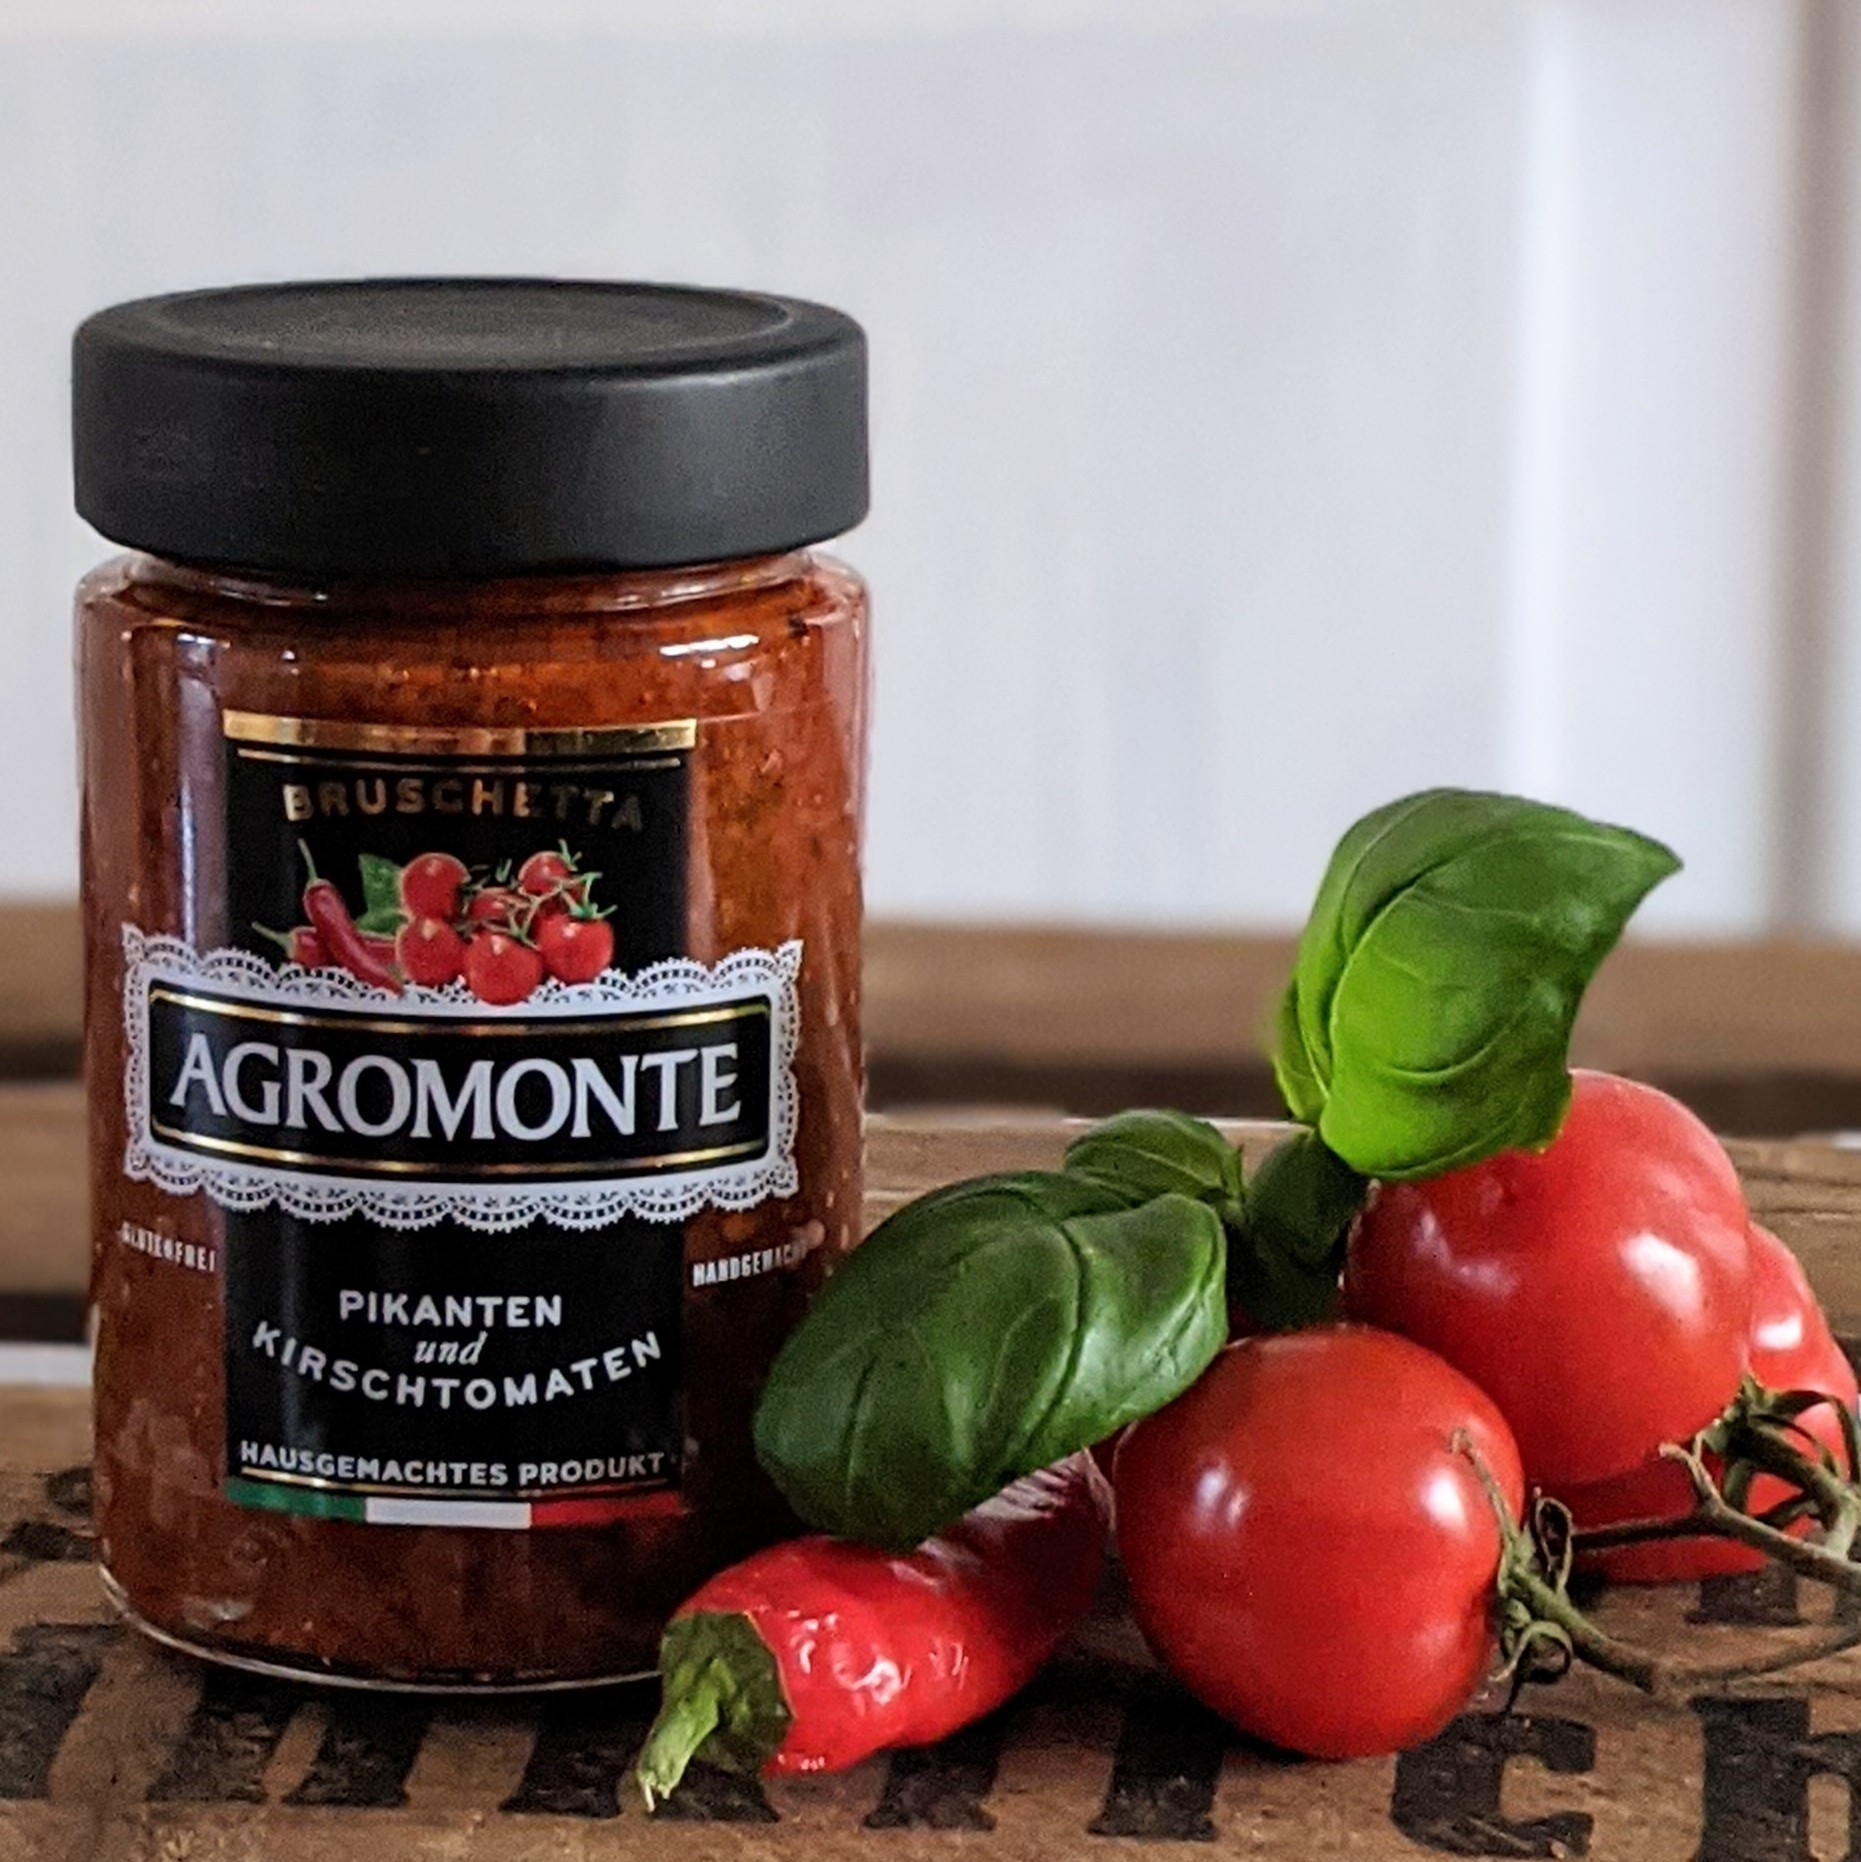 Agromonte Pikanten und Kirschtomaten 200g